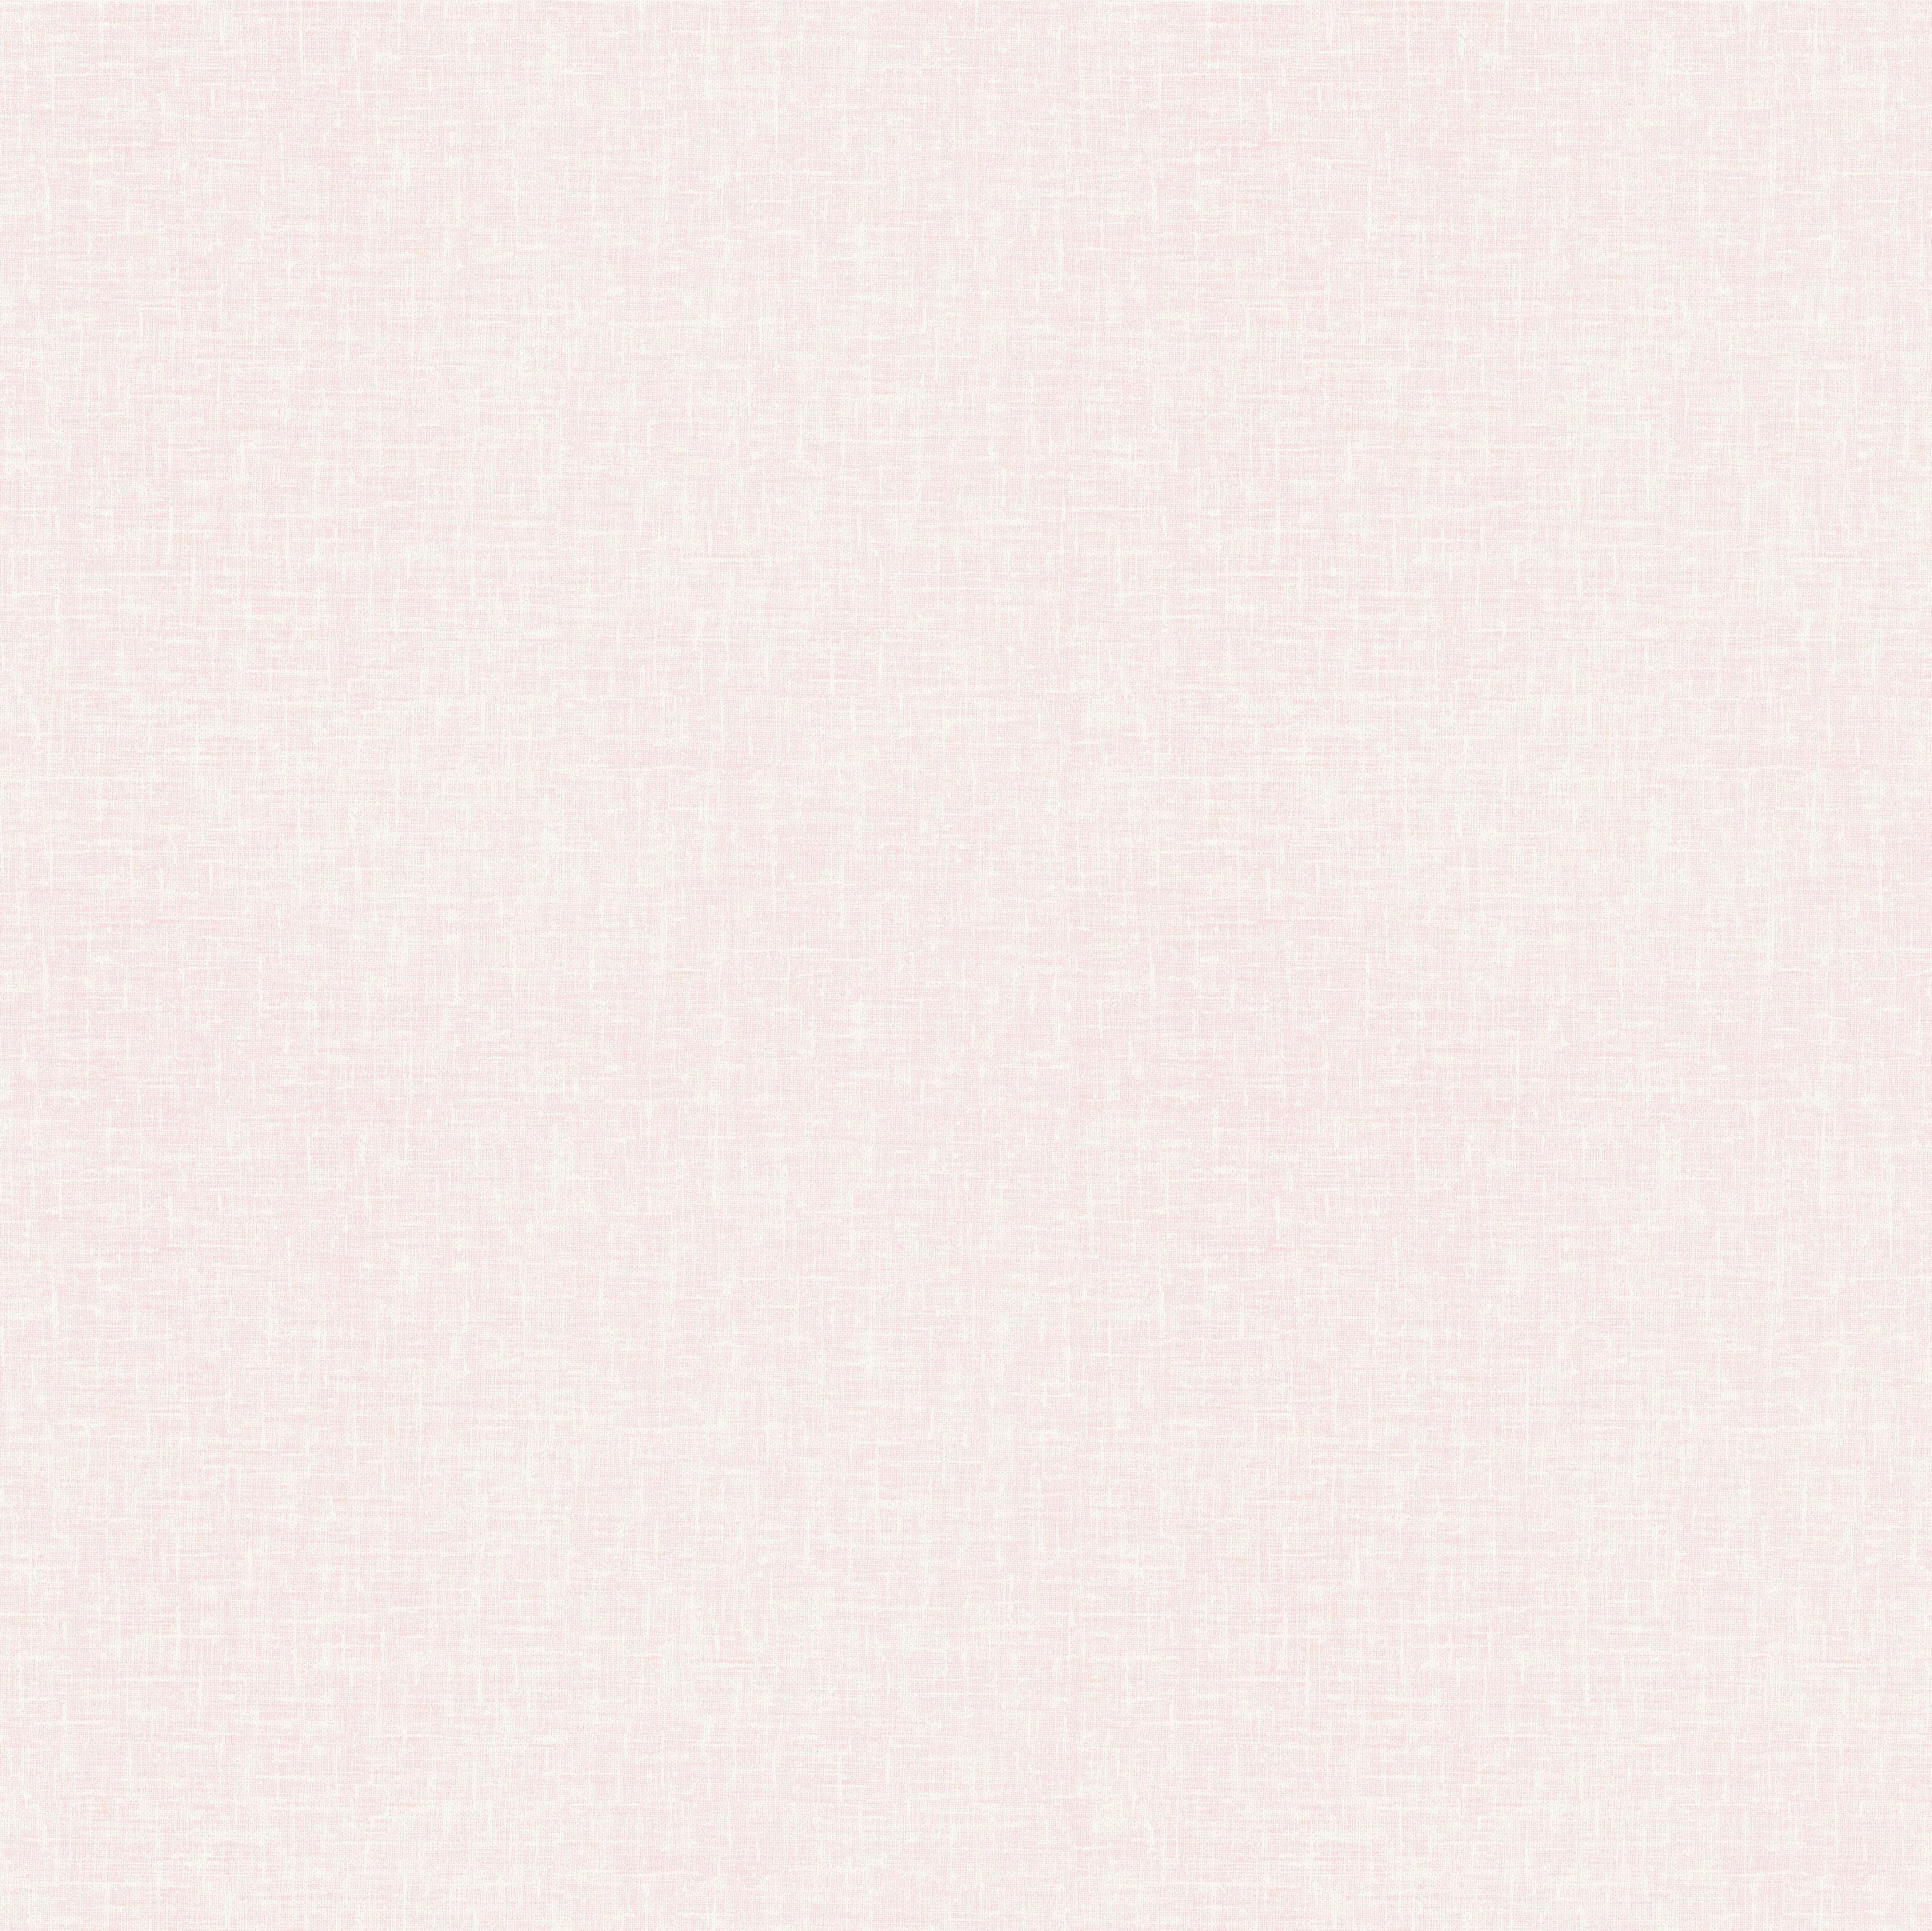 Papel de parede liso rosa claro 1764  wp decor  Elo7